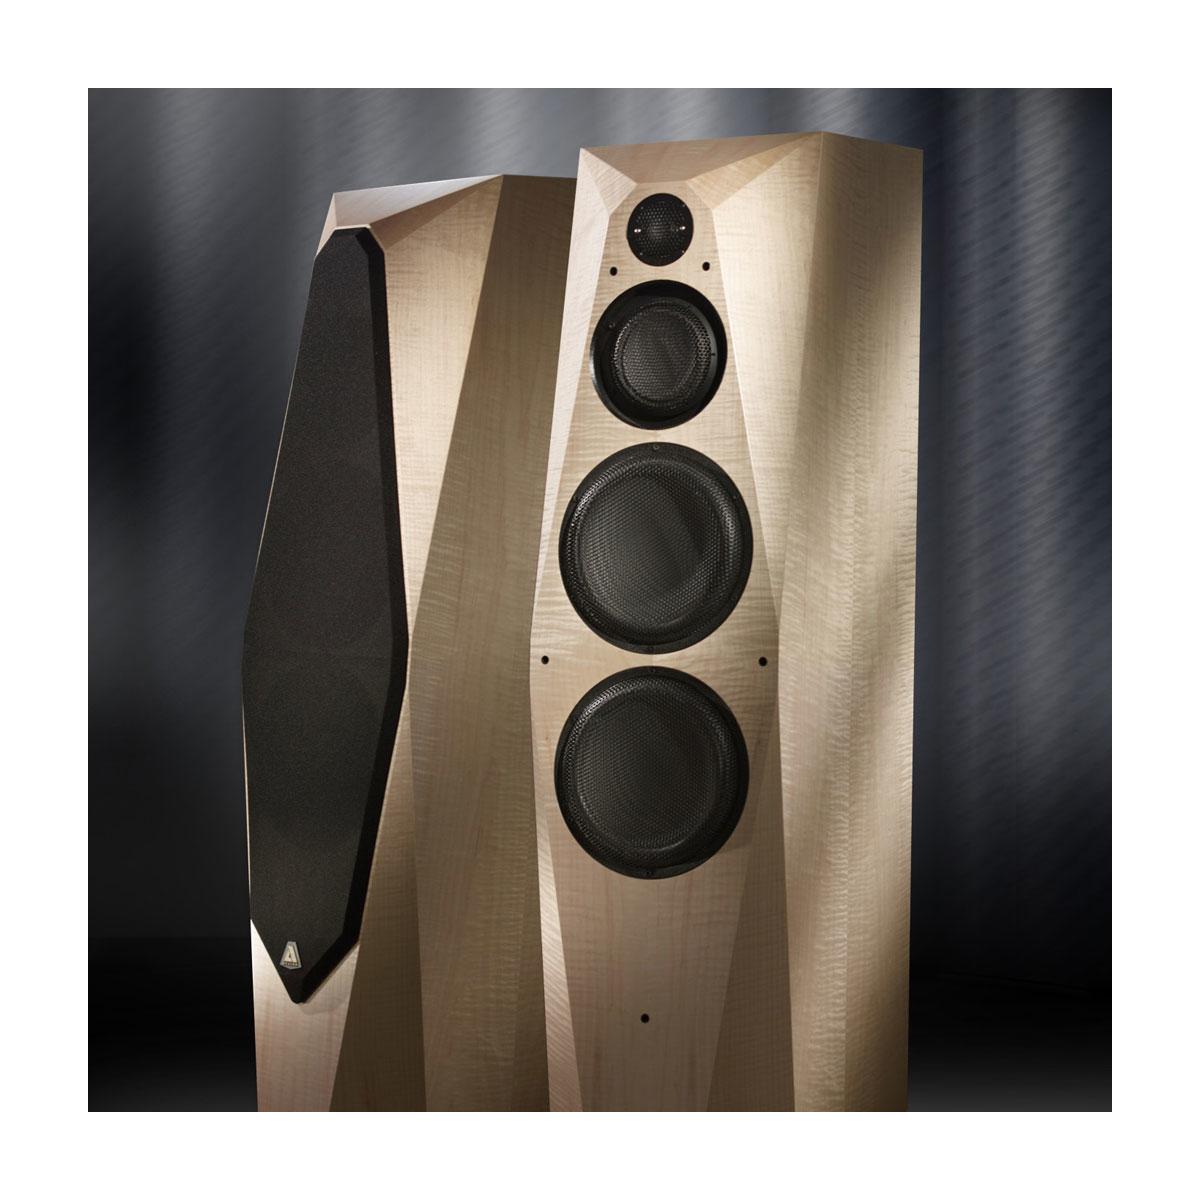 Avalon Acoustics Compas Walnut 特別価格ASK! アヴァロン スピーカーシステム ペア